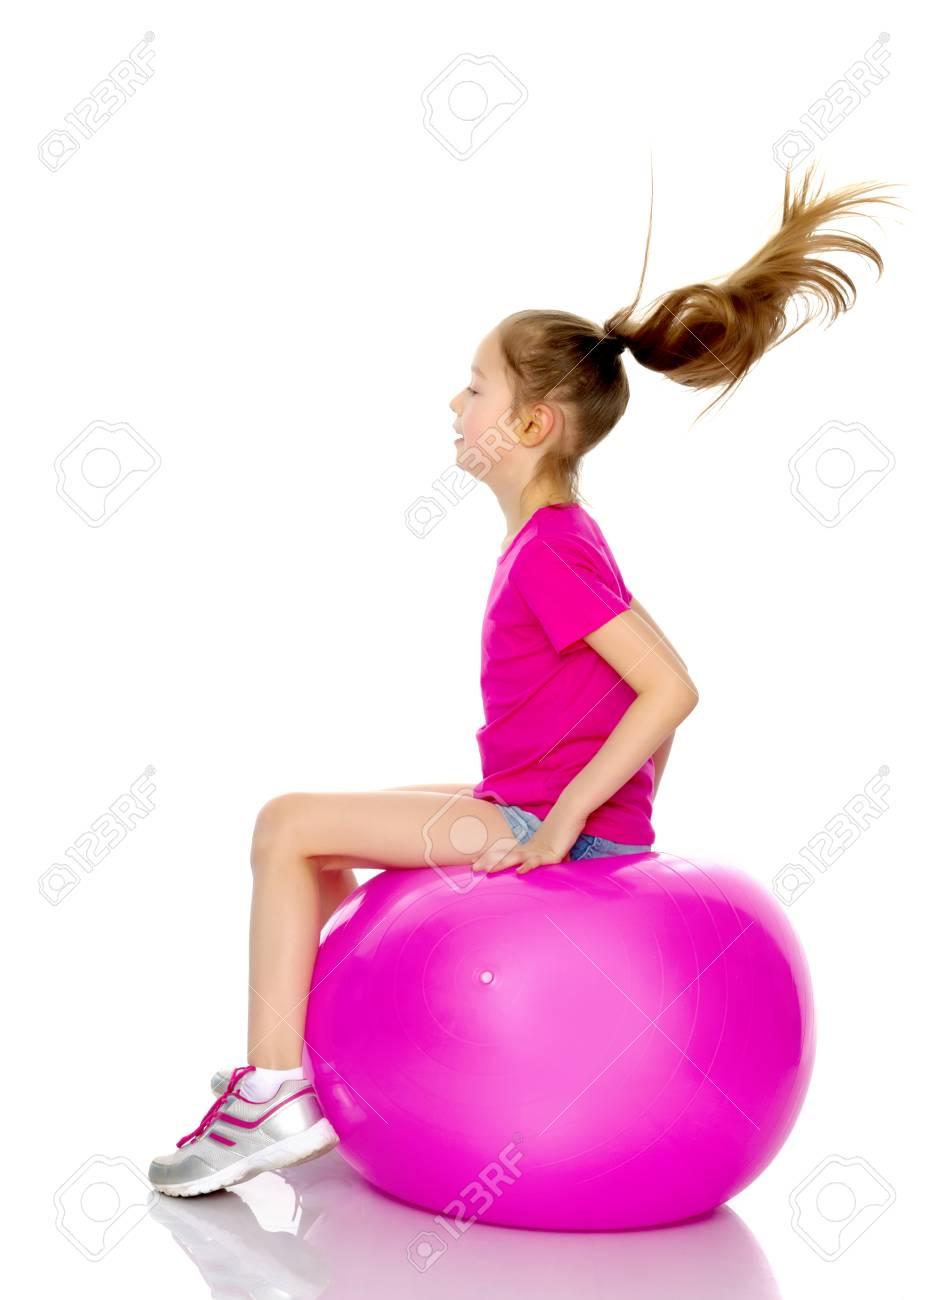 femdom big boob dragonball z porn